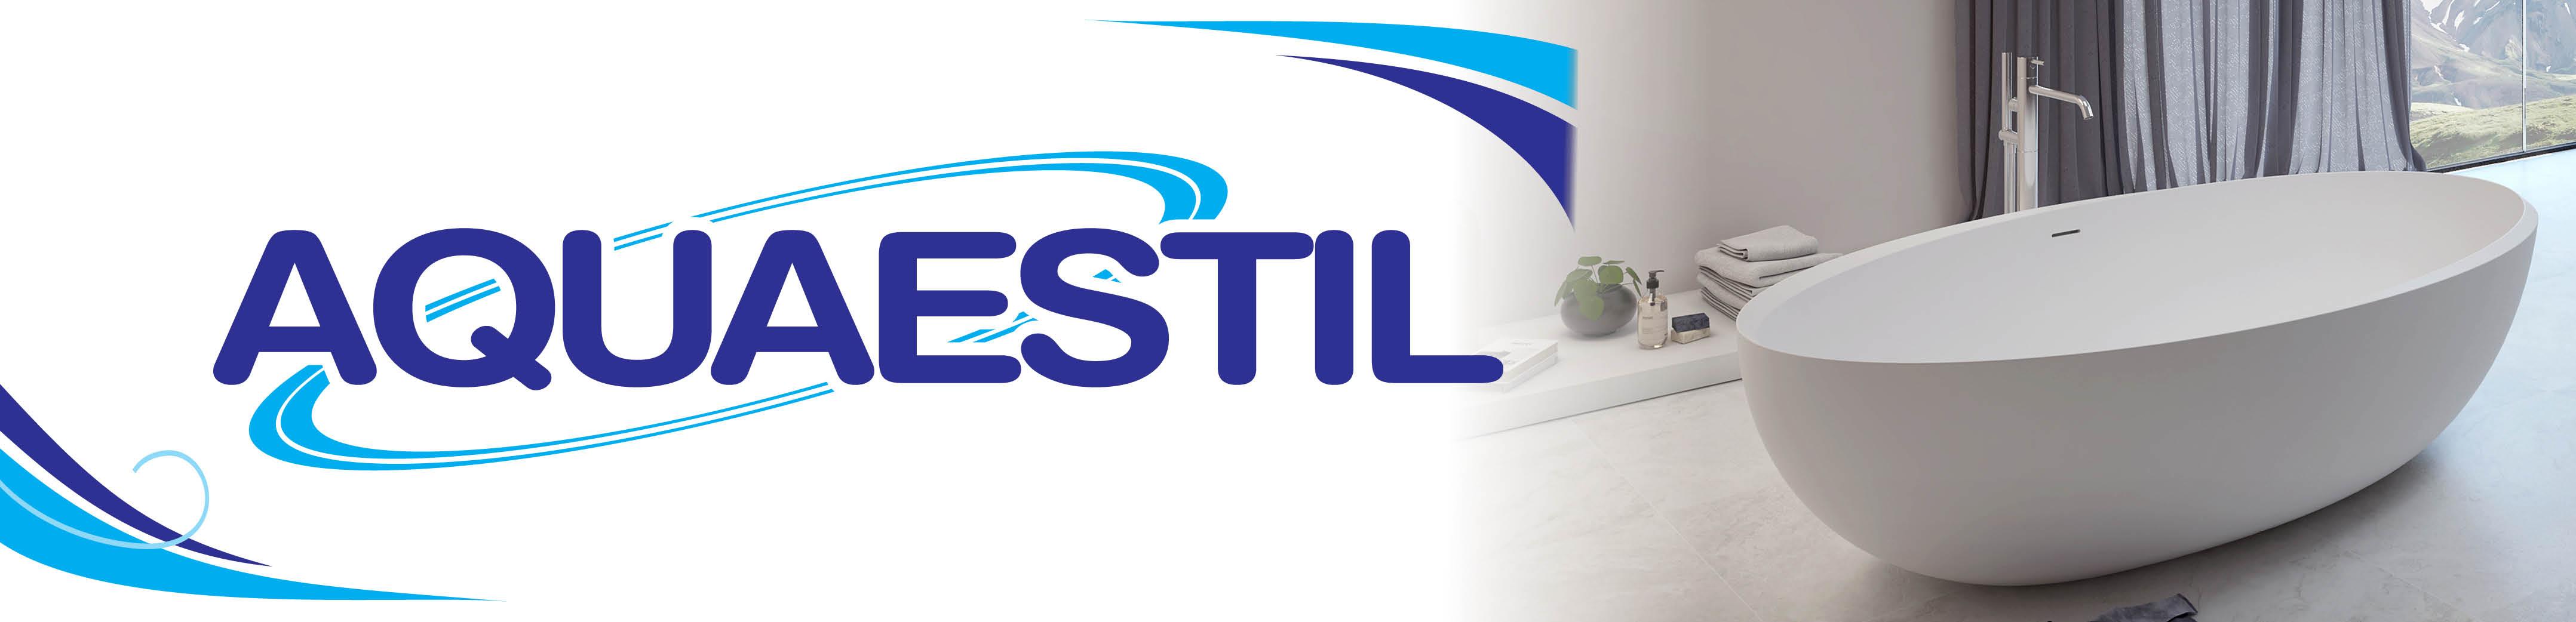 Aquaestil